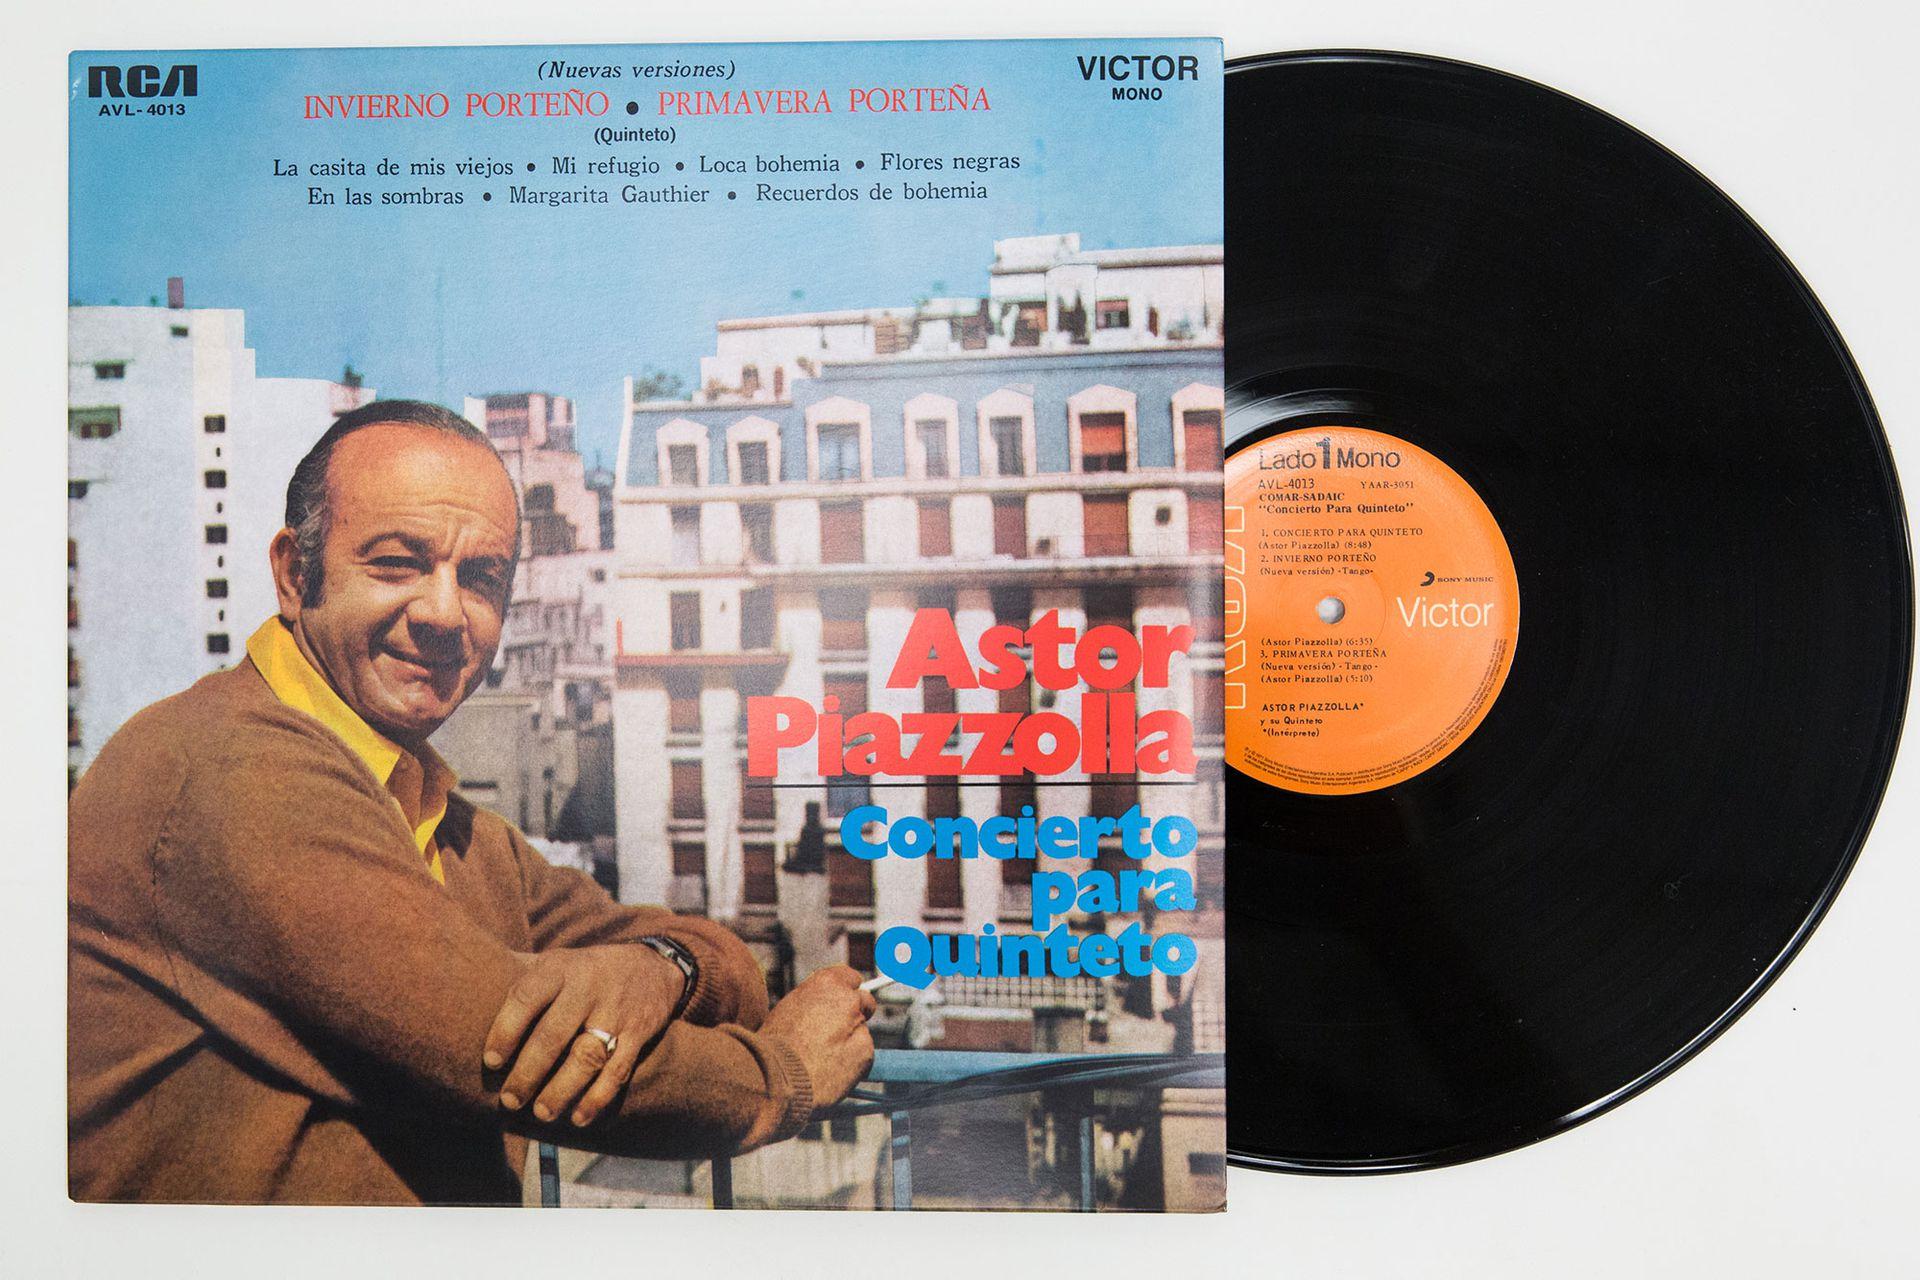 Astor Piazzolla - Concierto para Quinteto